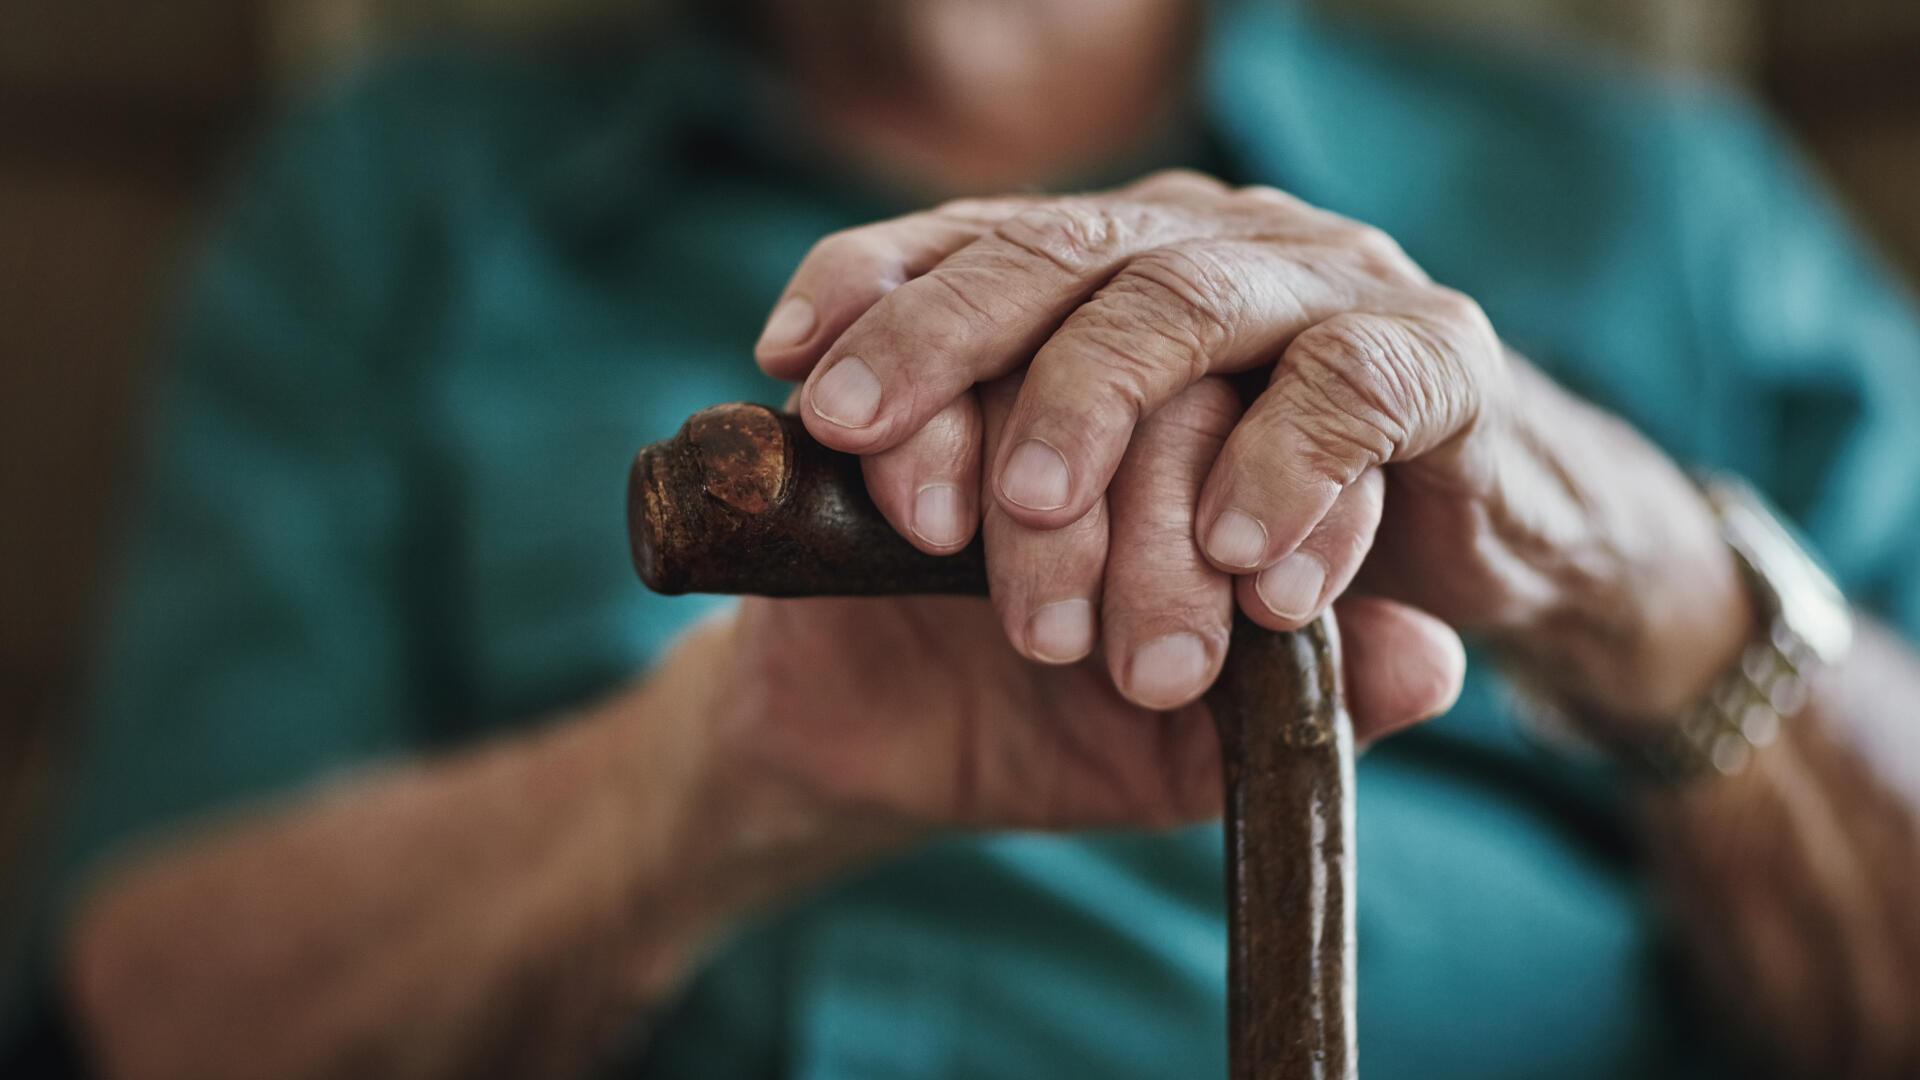 vieillesse - main - canne - personne âgée - maison de retraite